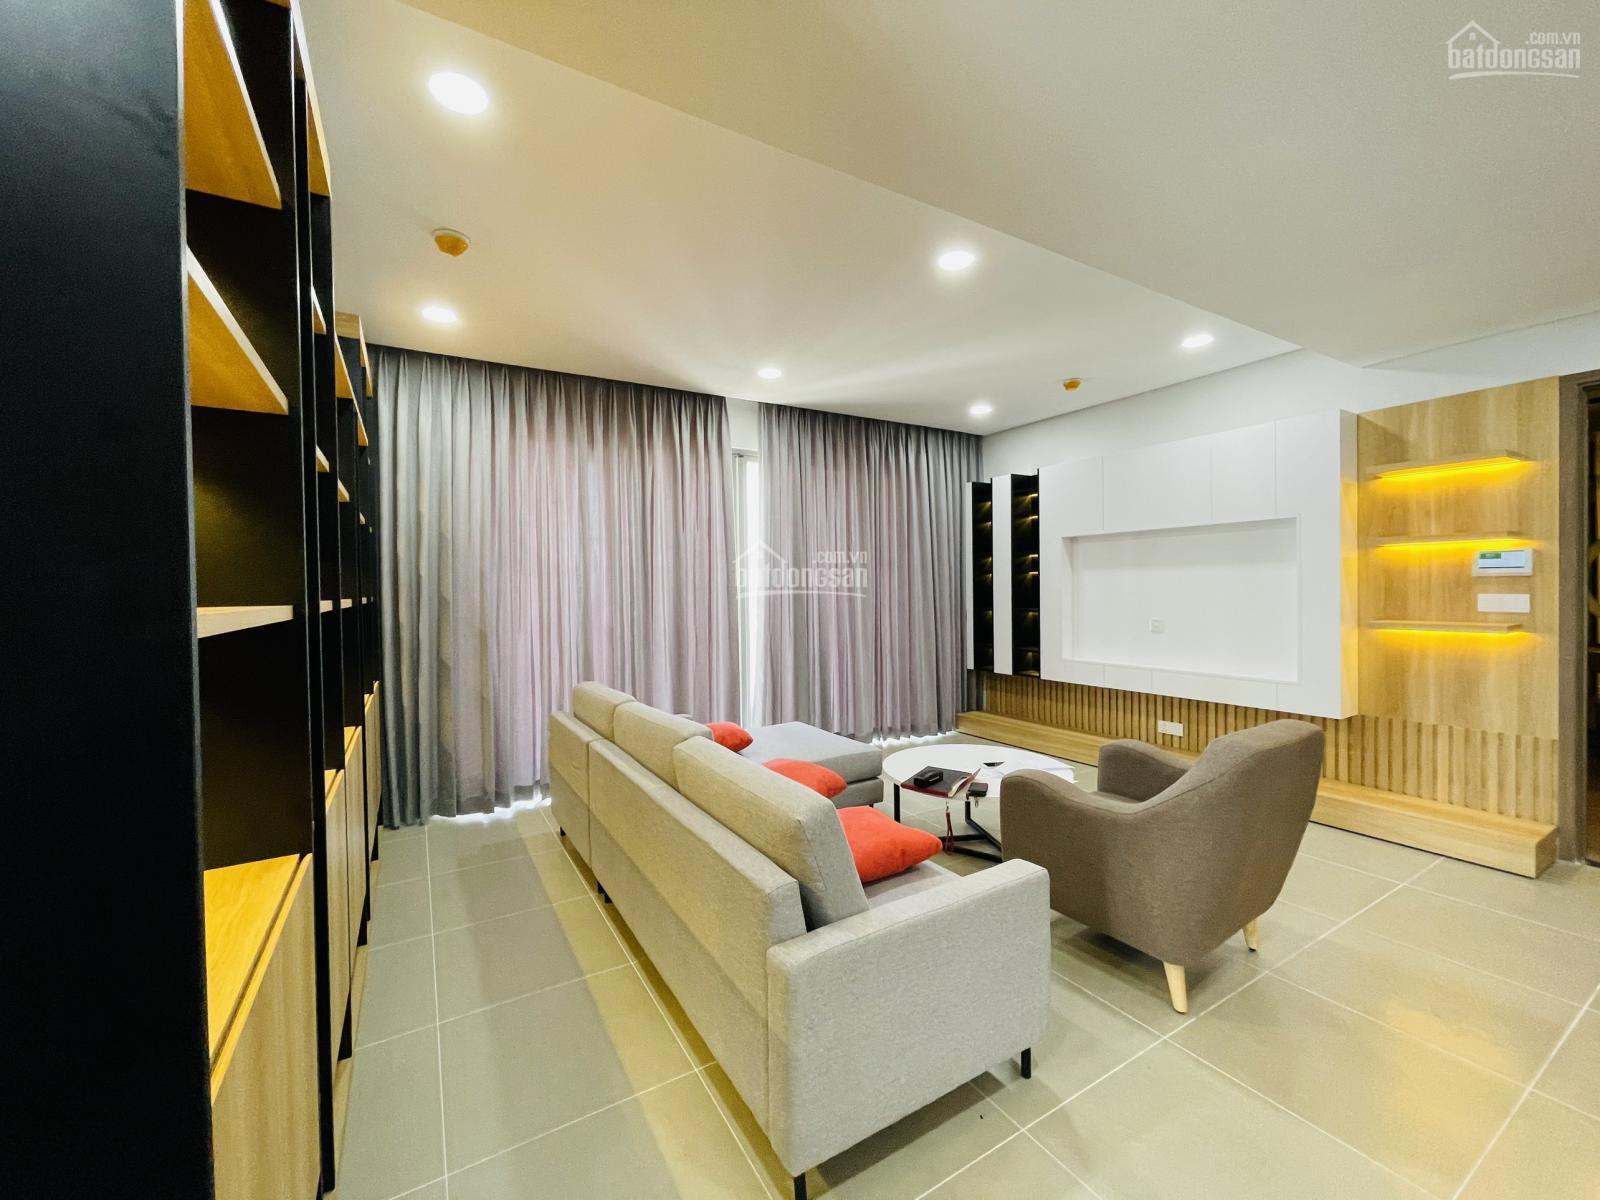 Cần bán căn hộ 3PN River Panorama, đường Hoàng Quốc Việt, Q7. Full nội thất cao cấp, giá 4 tỷ